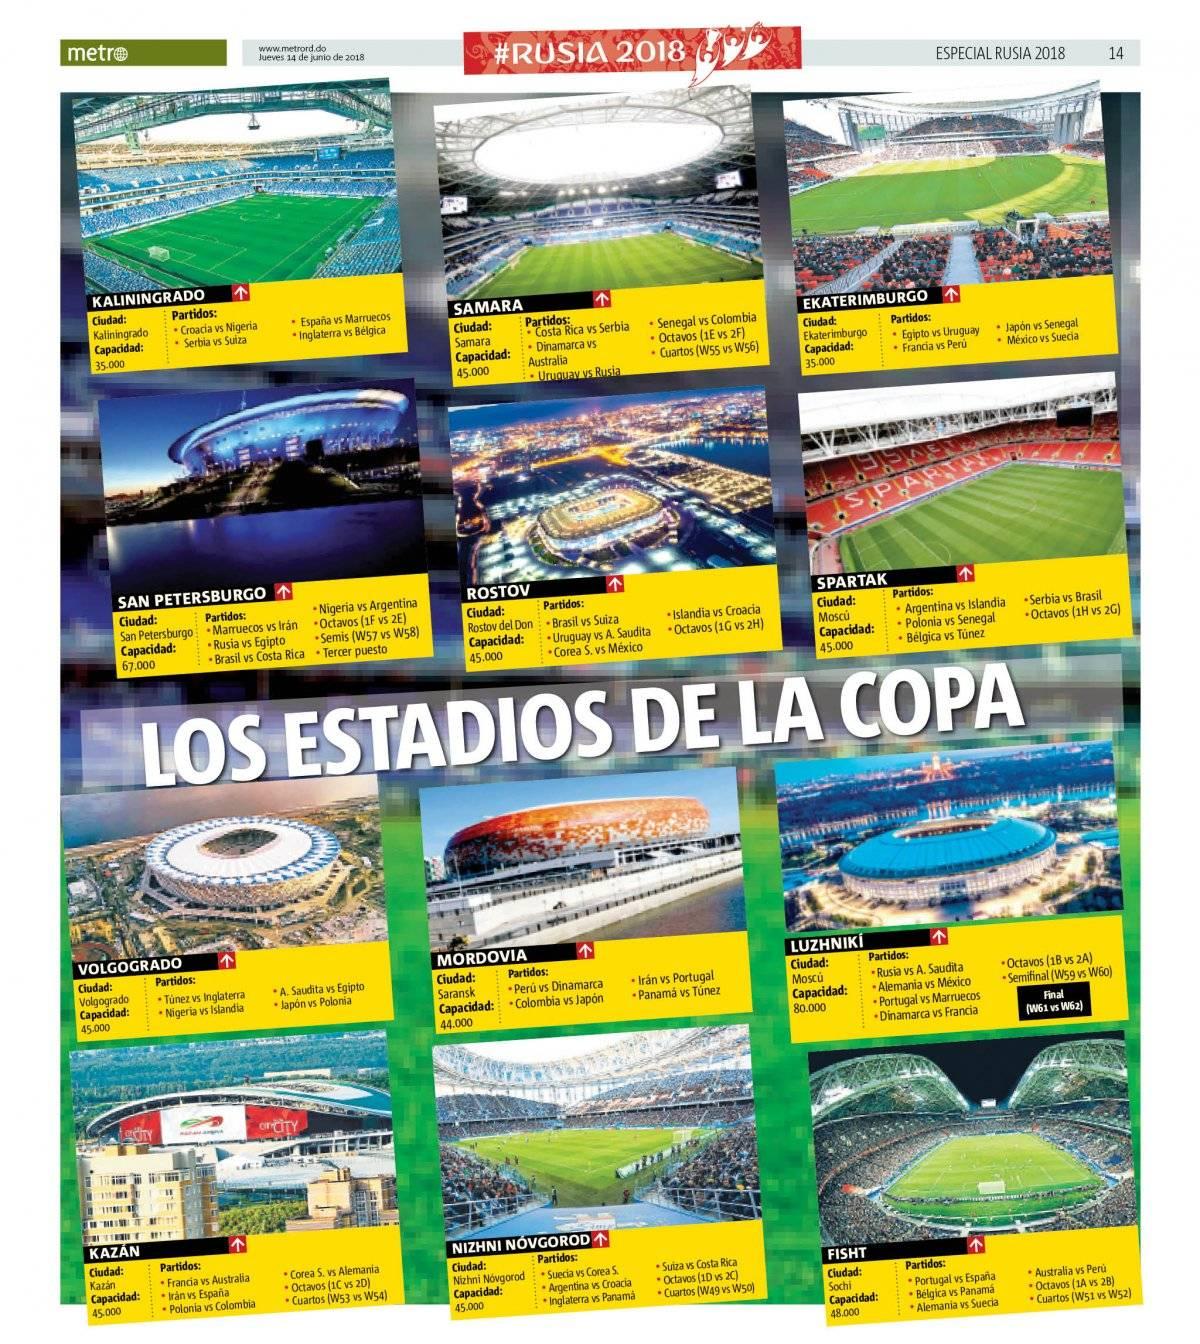 los estadios de la copa